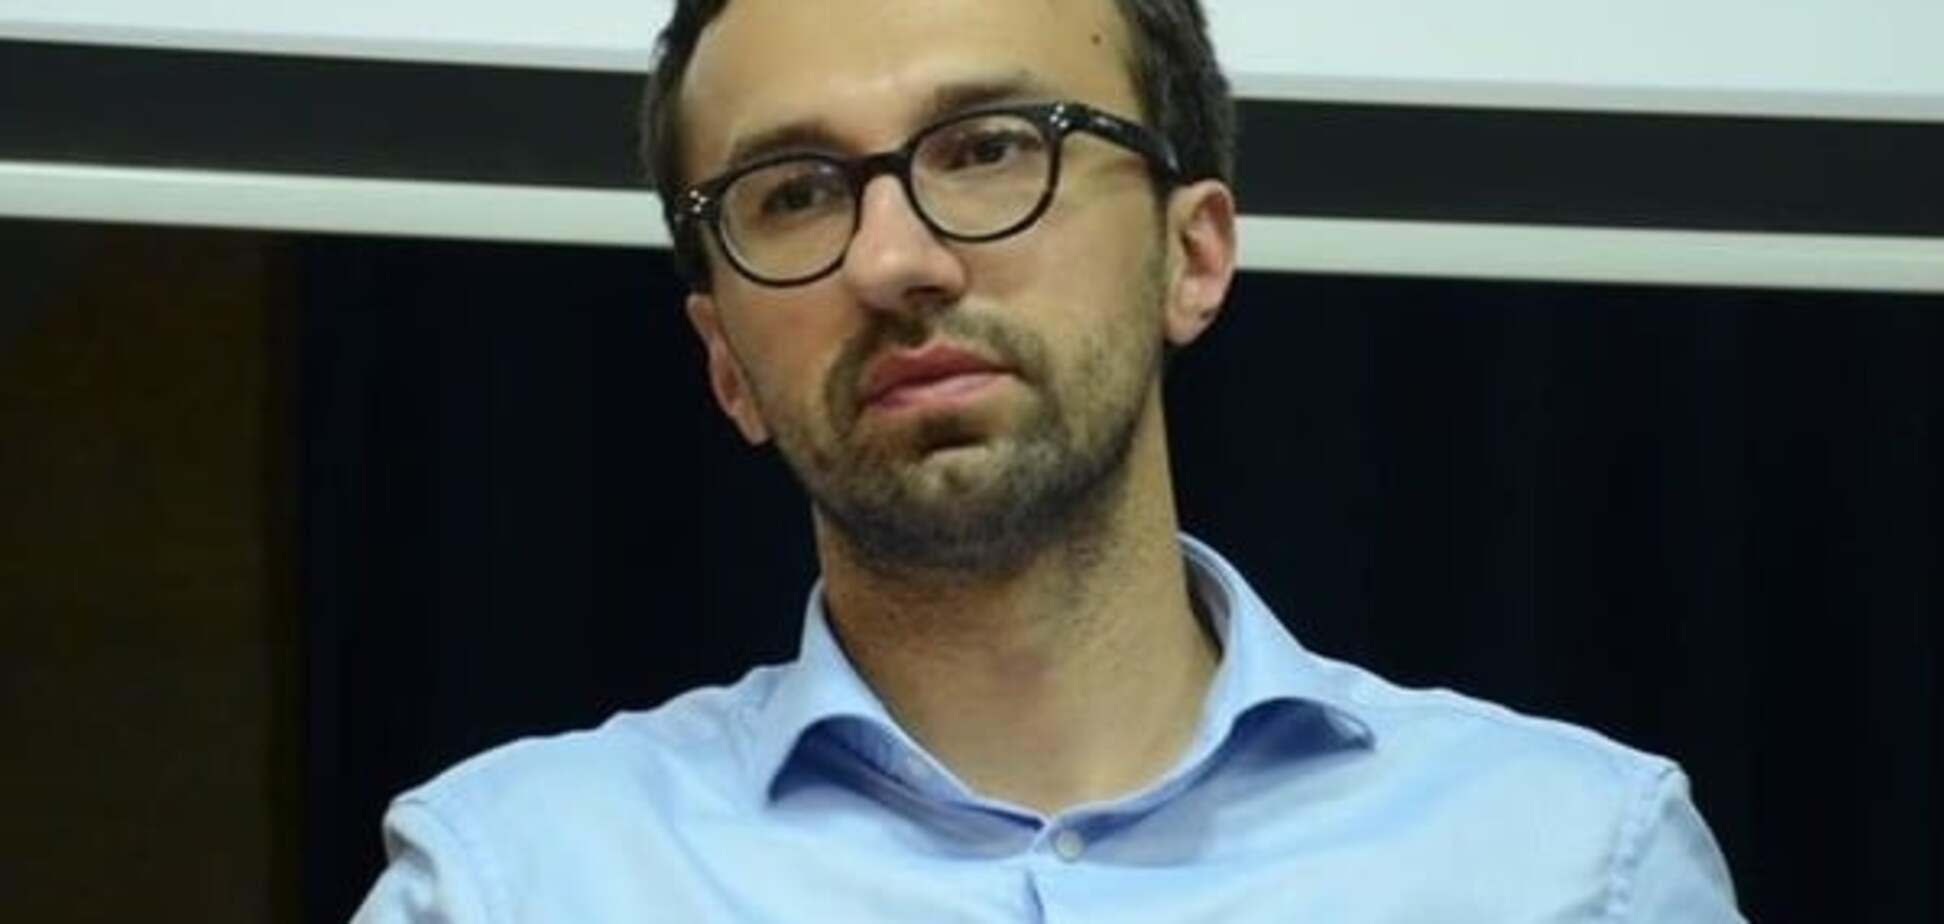 'Я достаточно скромен': Лещенко по пунктам оправдался за покупку огромной квартиры